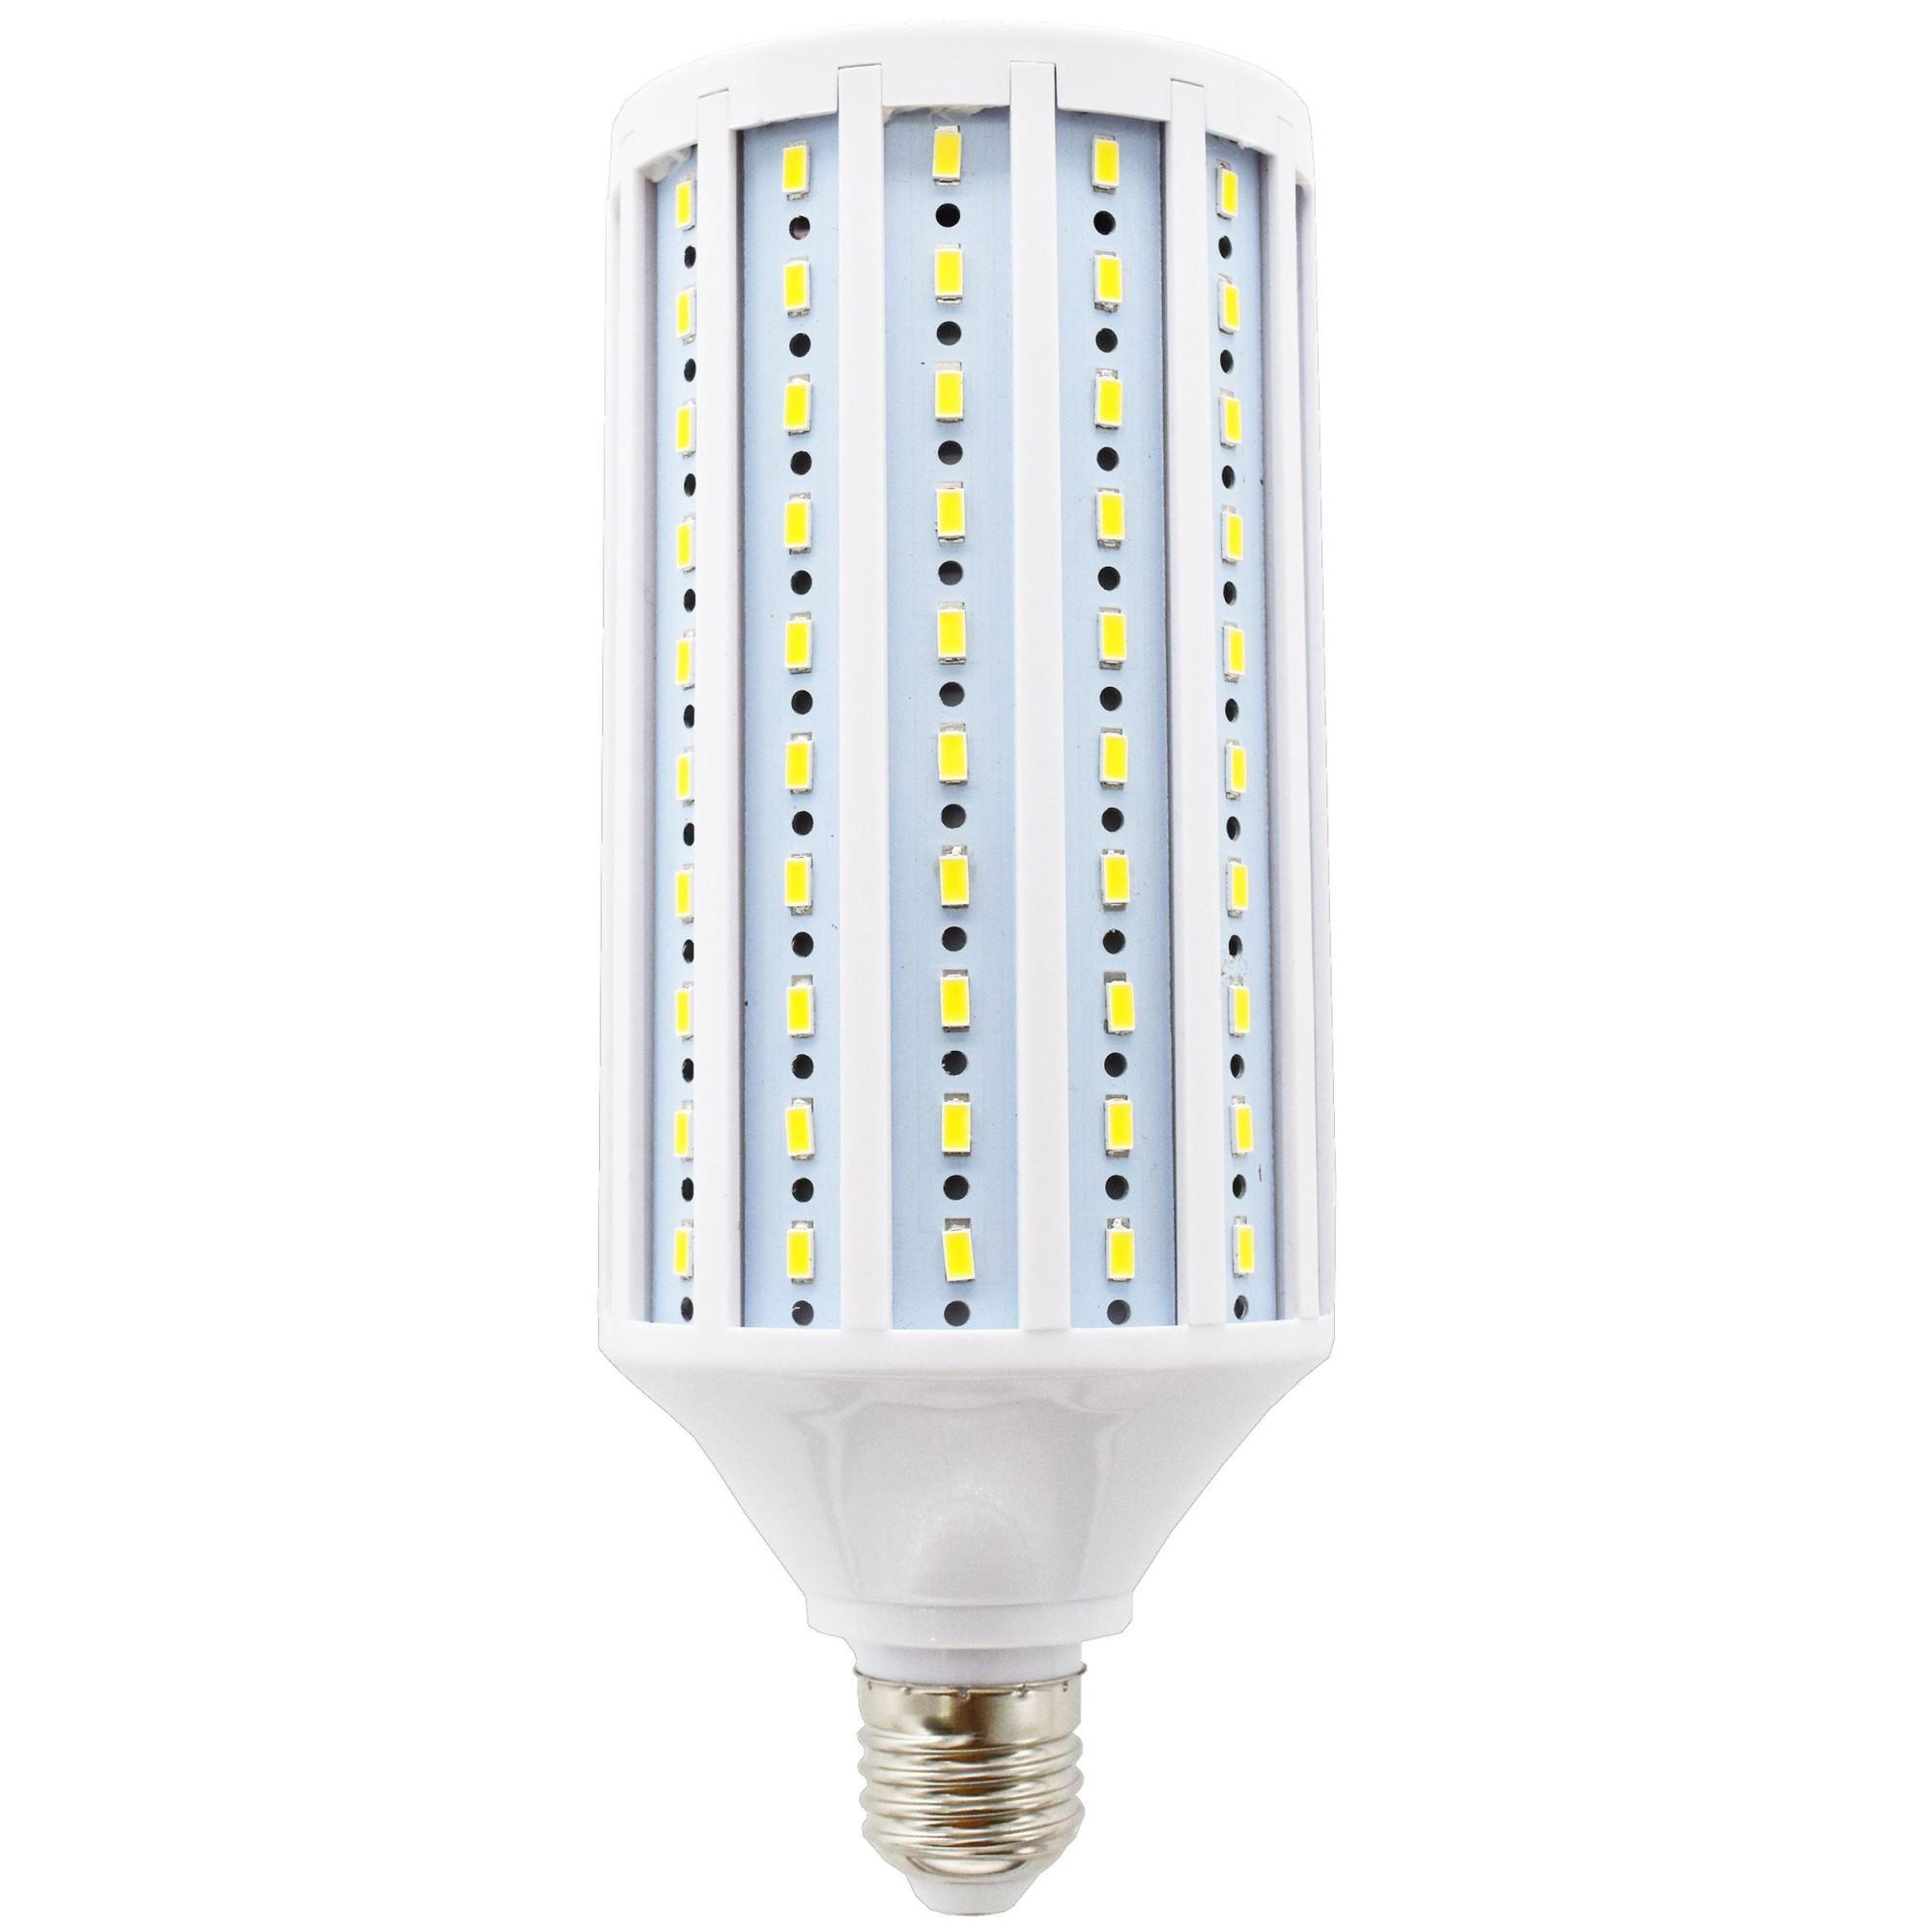 Лампа Ecola Premium светодионая E27 27 Вт кукуруза 2430 Лм нейтральный свет